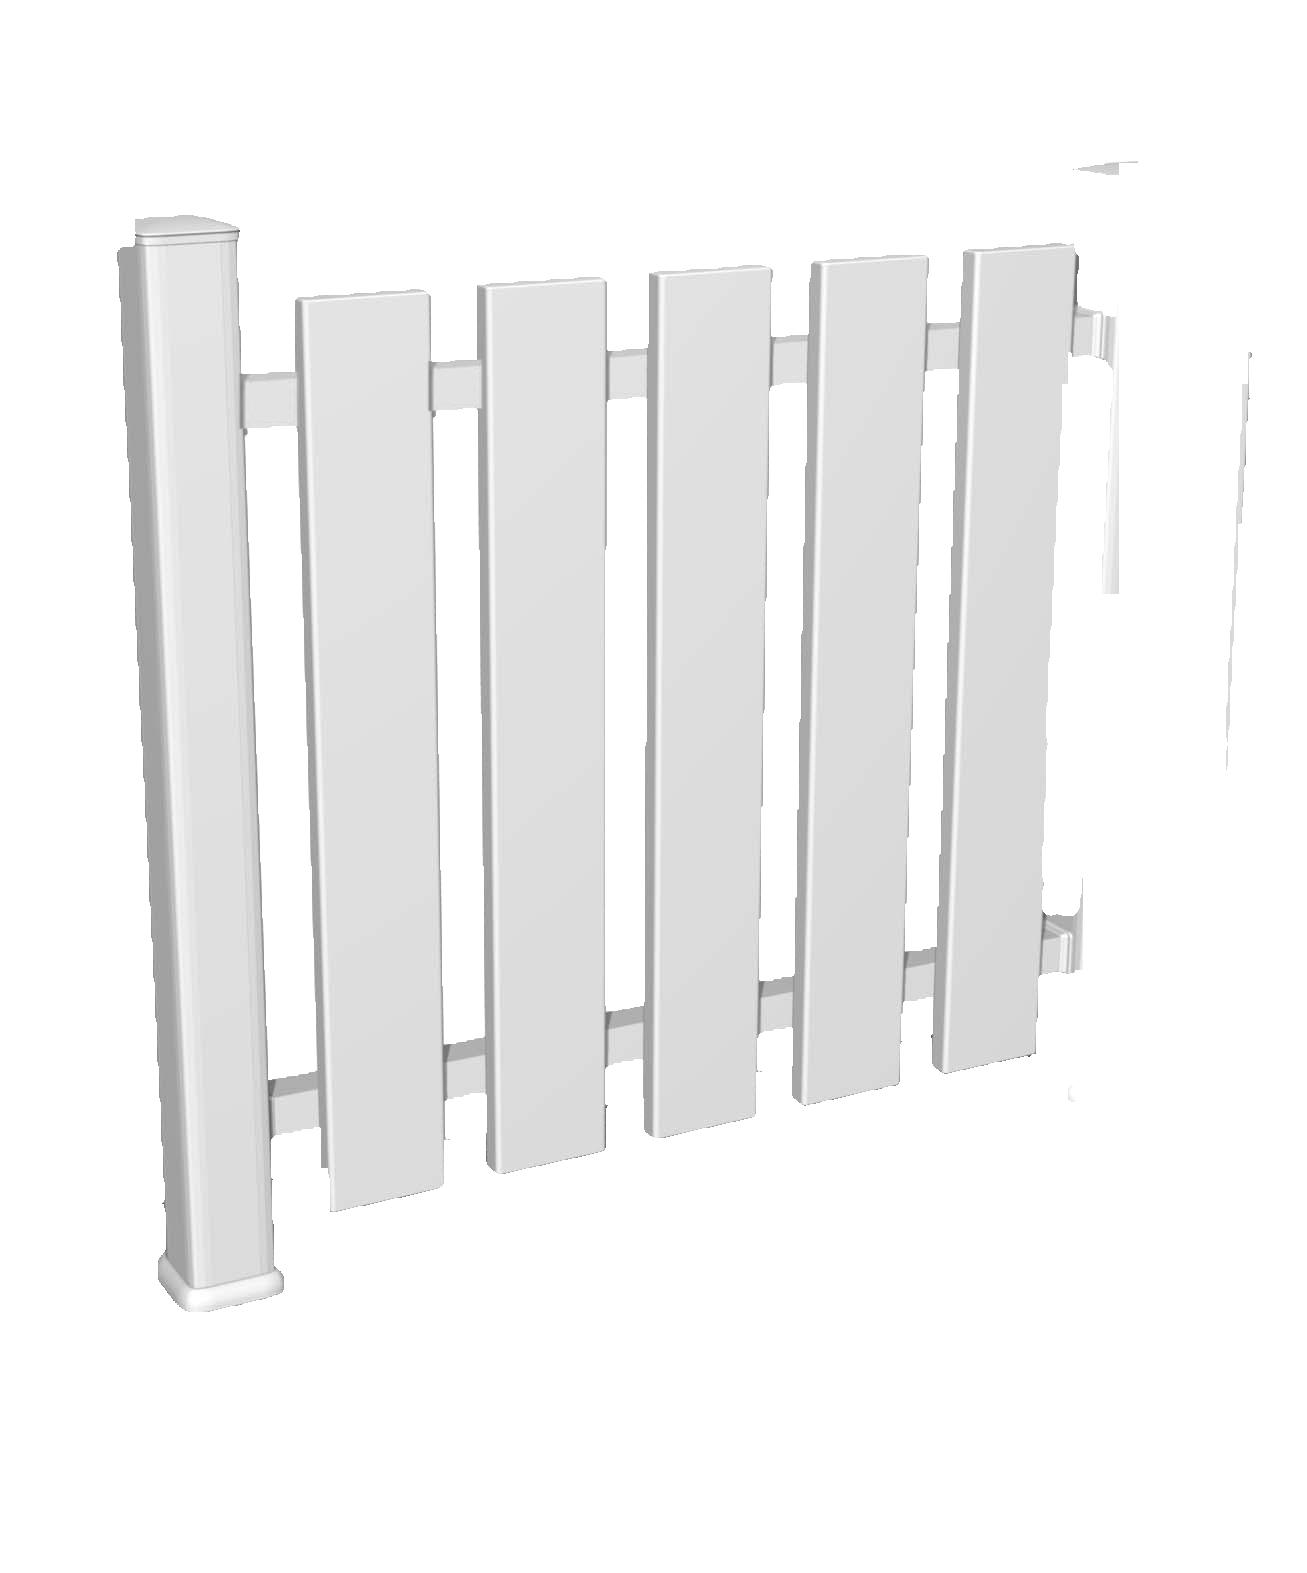 Notre module de clôture à barreaudage vertical de 92 cm de haut